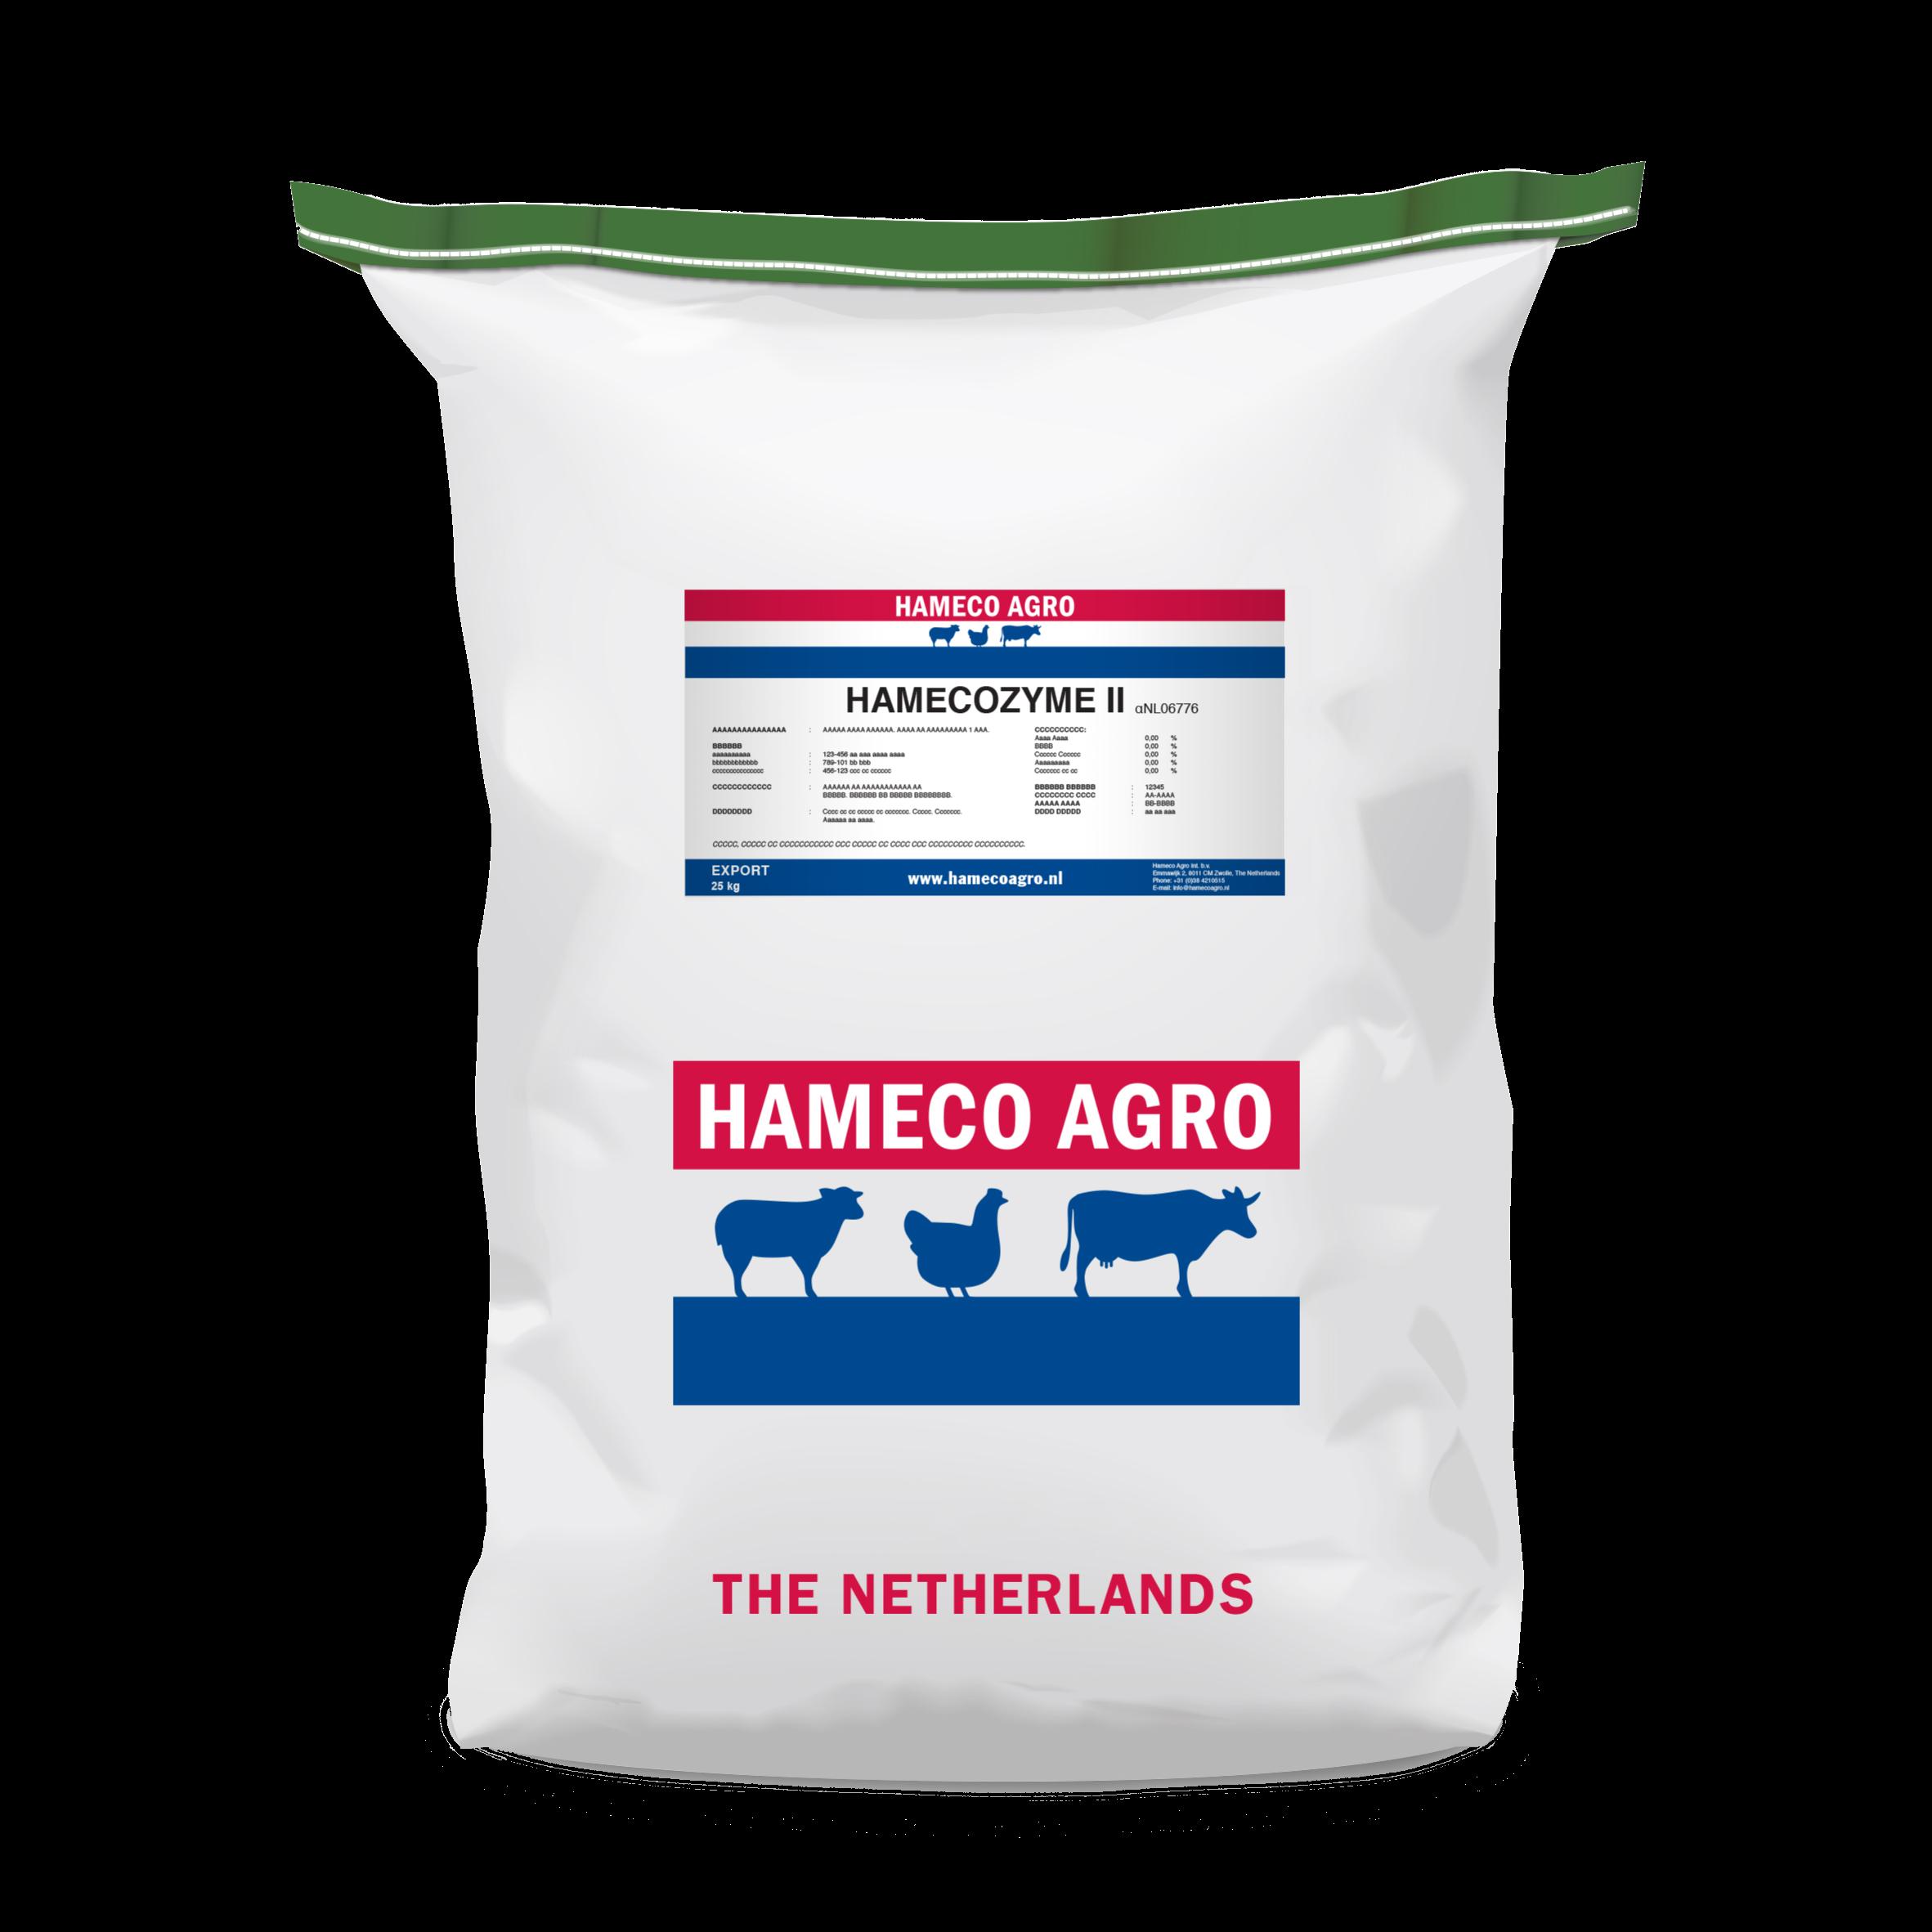 Hamecozyme II feed additives dry bag